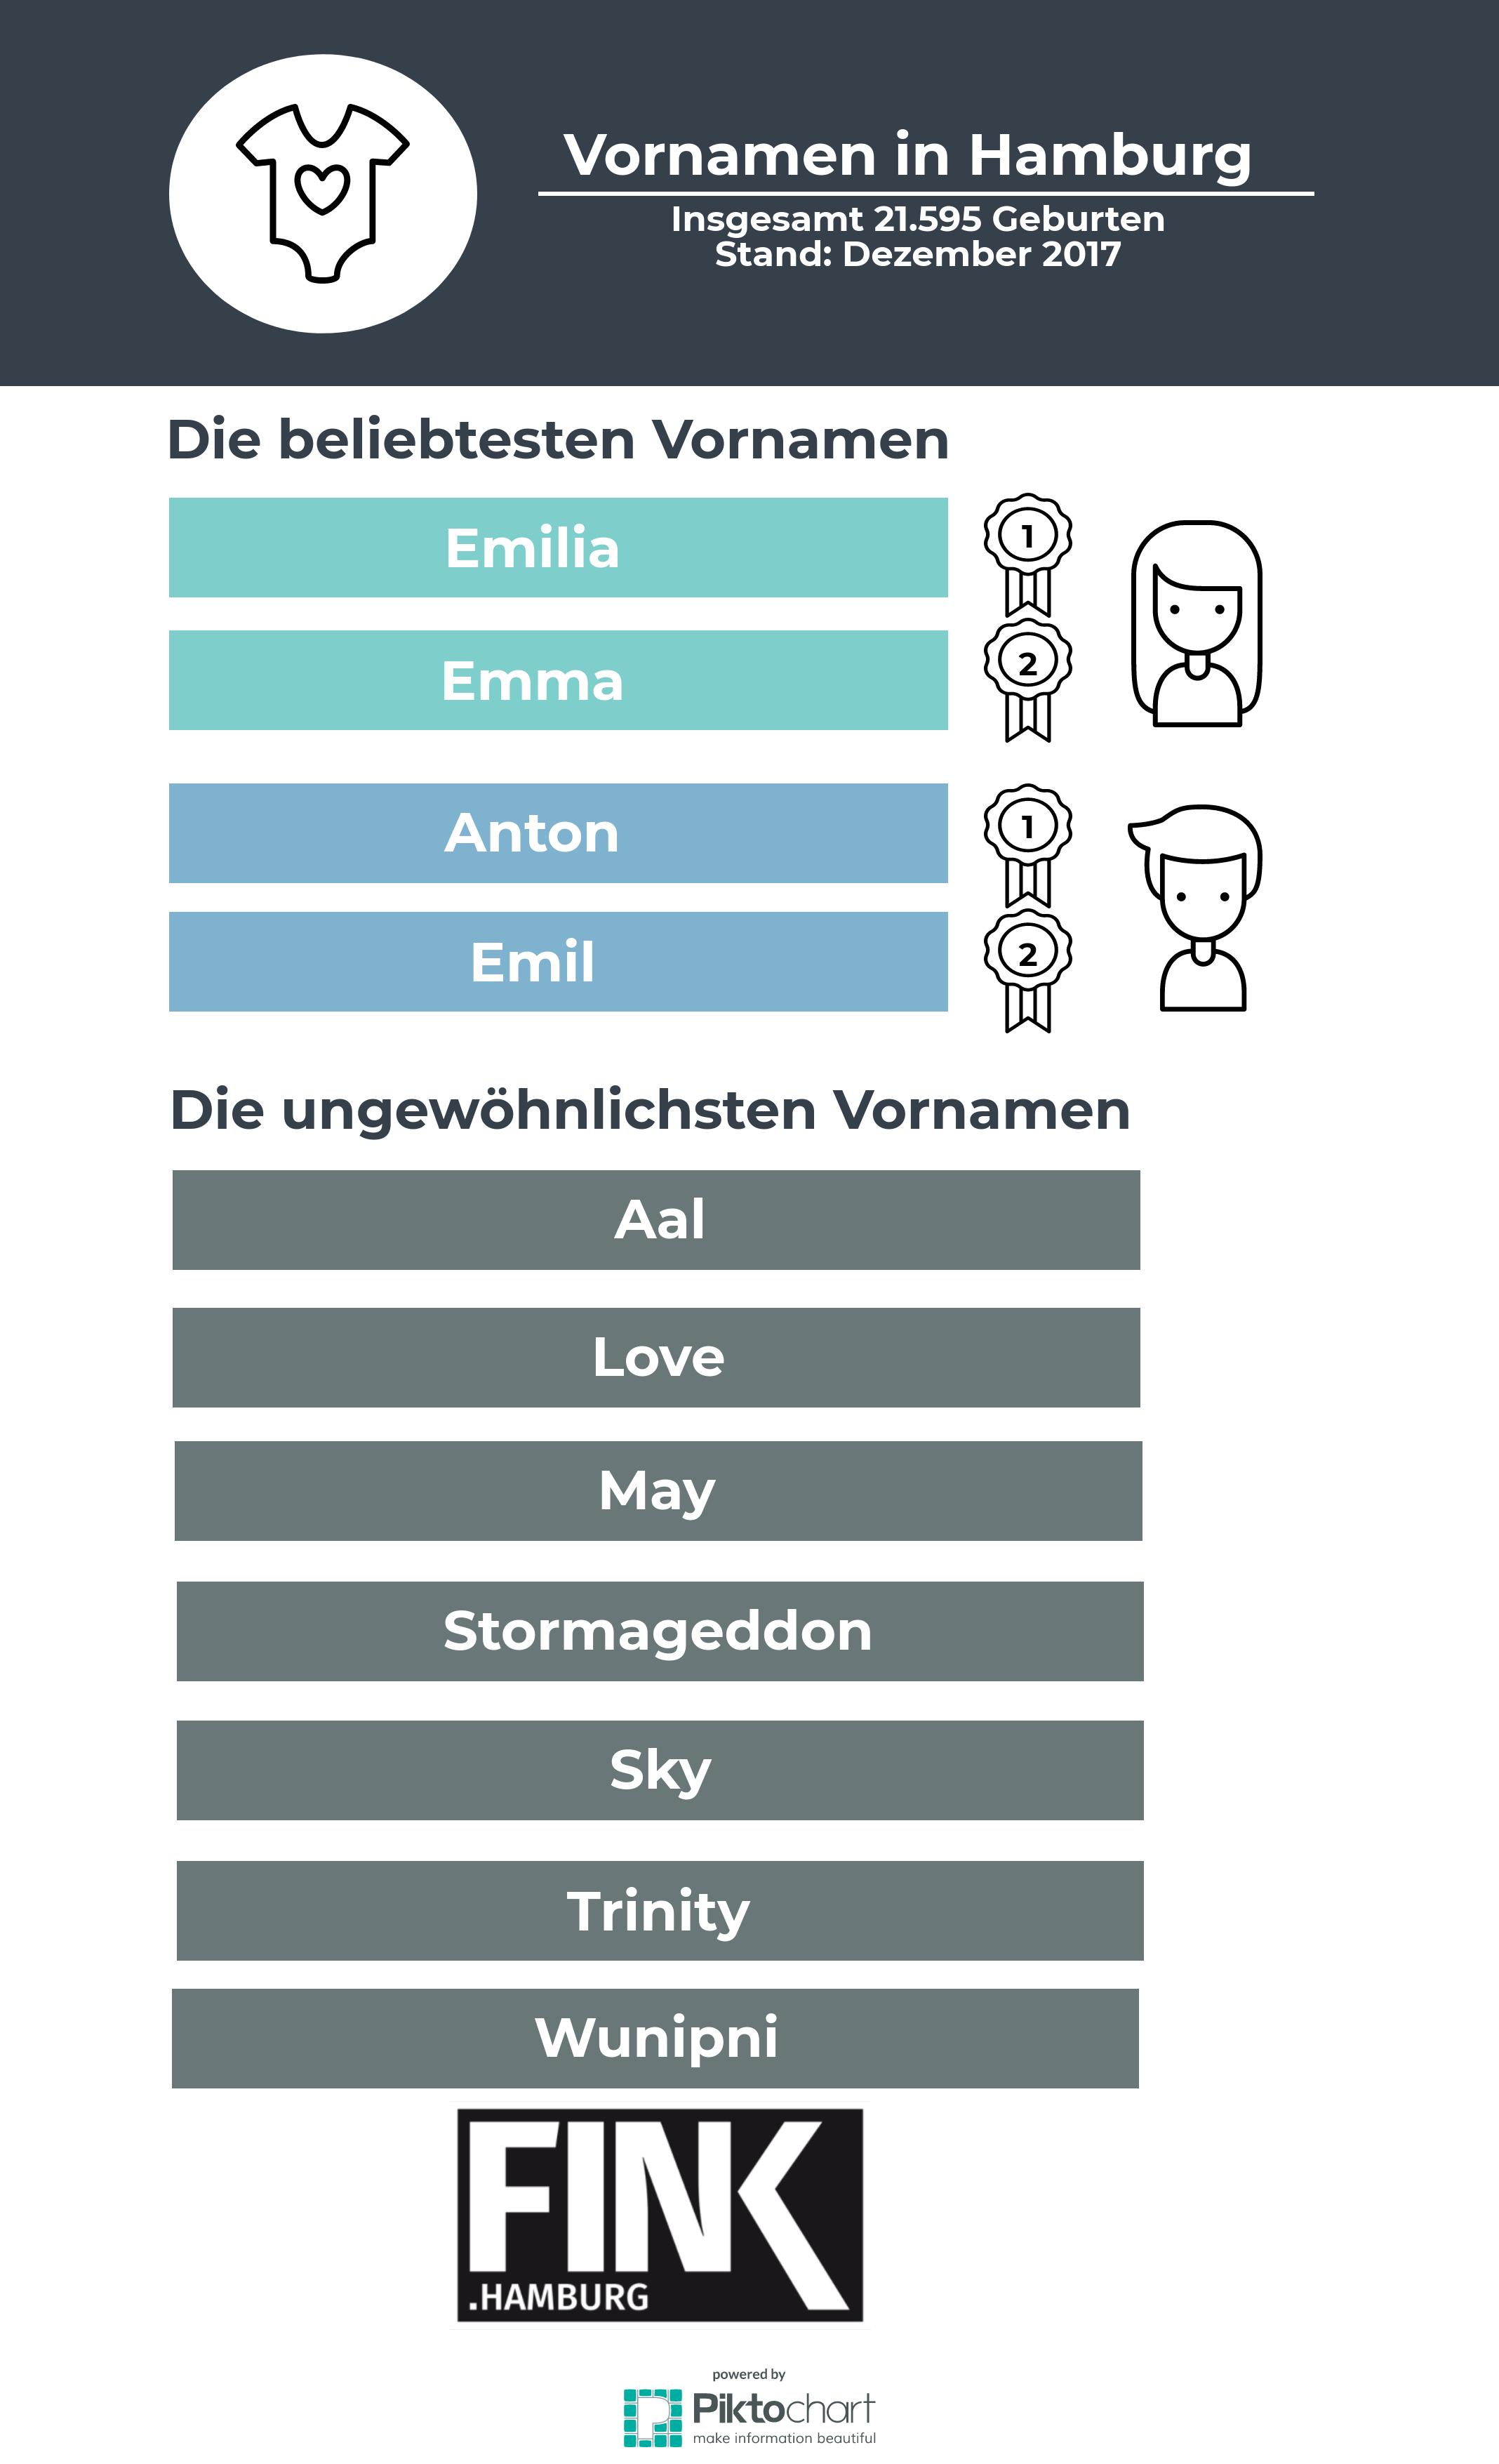 Emilia und Emma, Anton und Emil sind die häufigsten Vornamen in Hamburg.